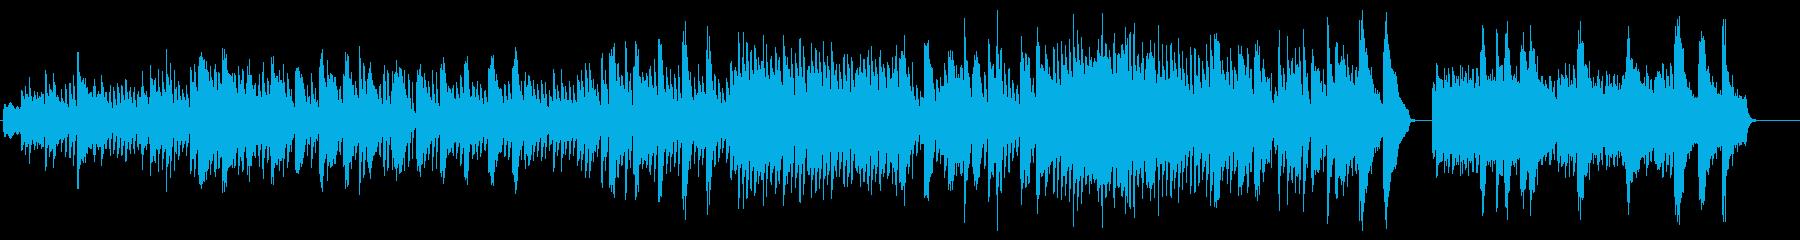 ピアノの古典的な曲の再生済みの波形